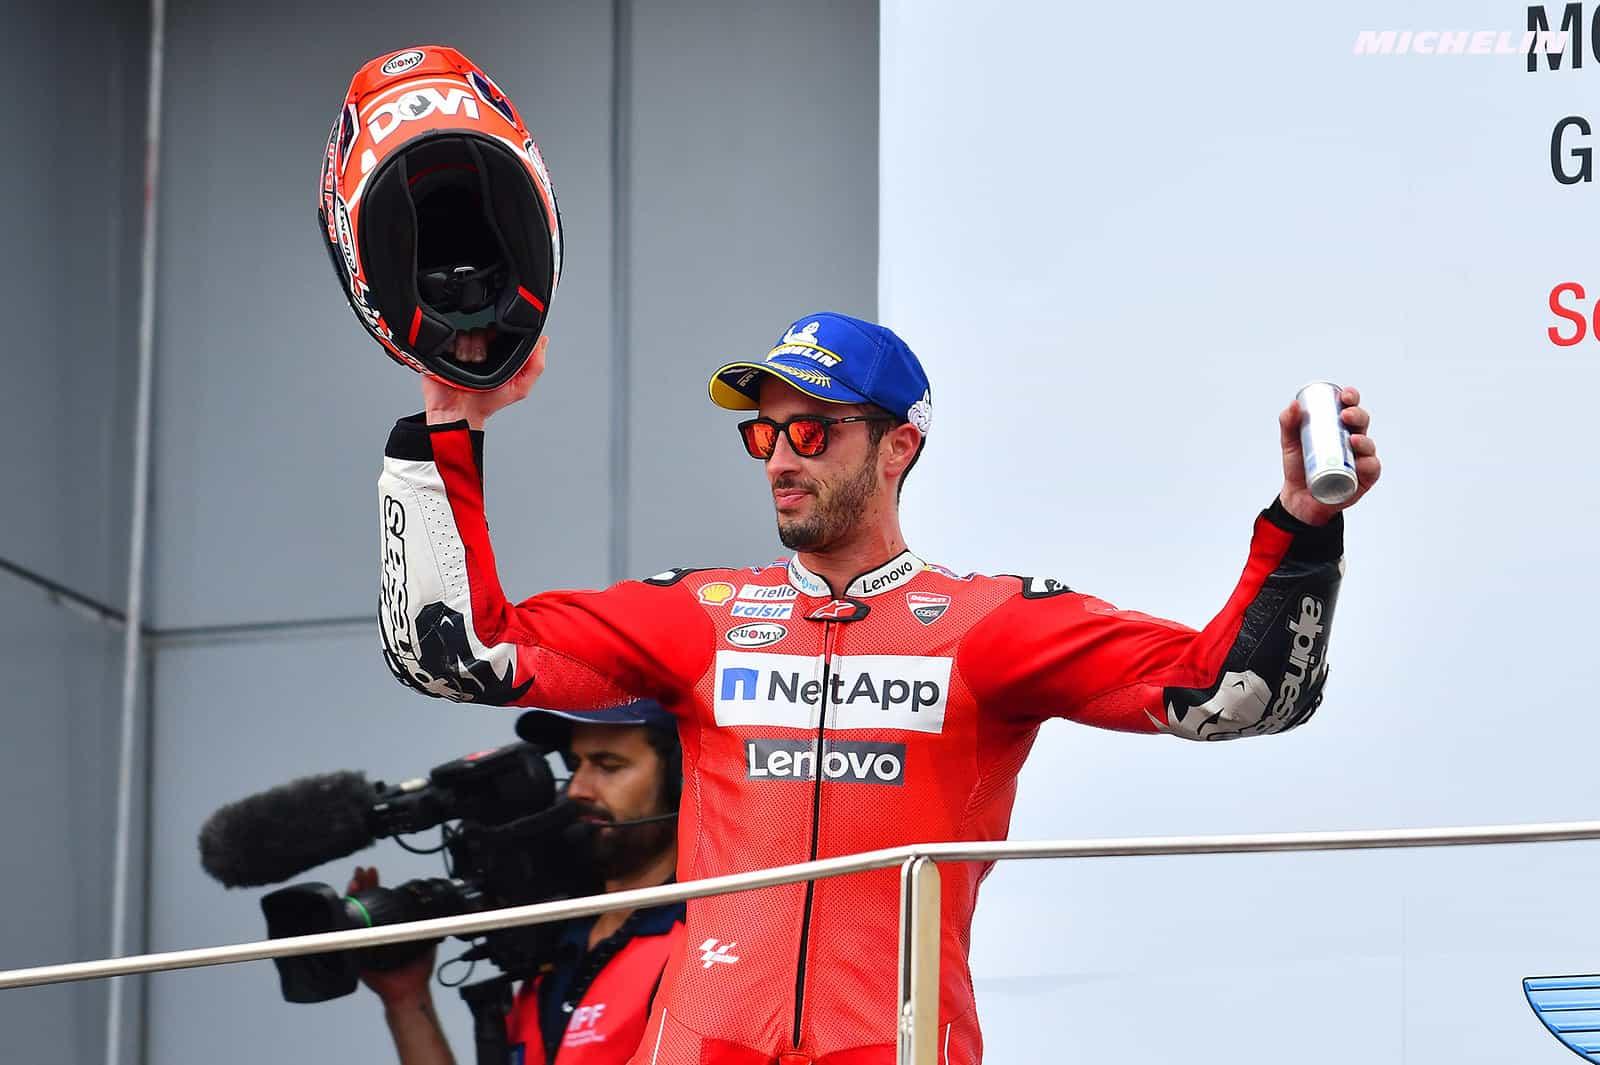 MotoGP2019マレーシアGP 3位ドヴィツィオーゾ「今日はバイクのスピードに助けられた」